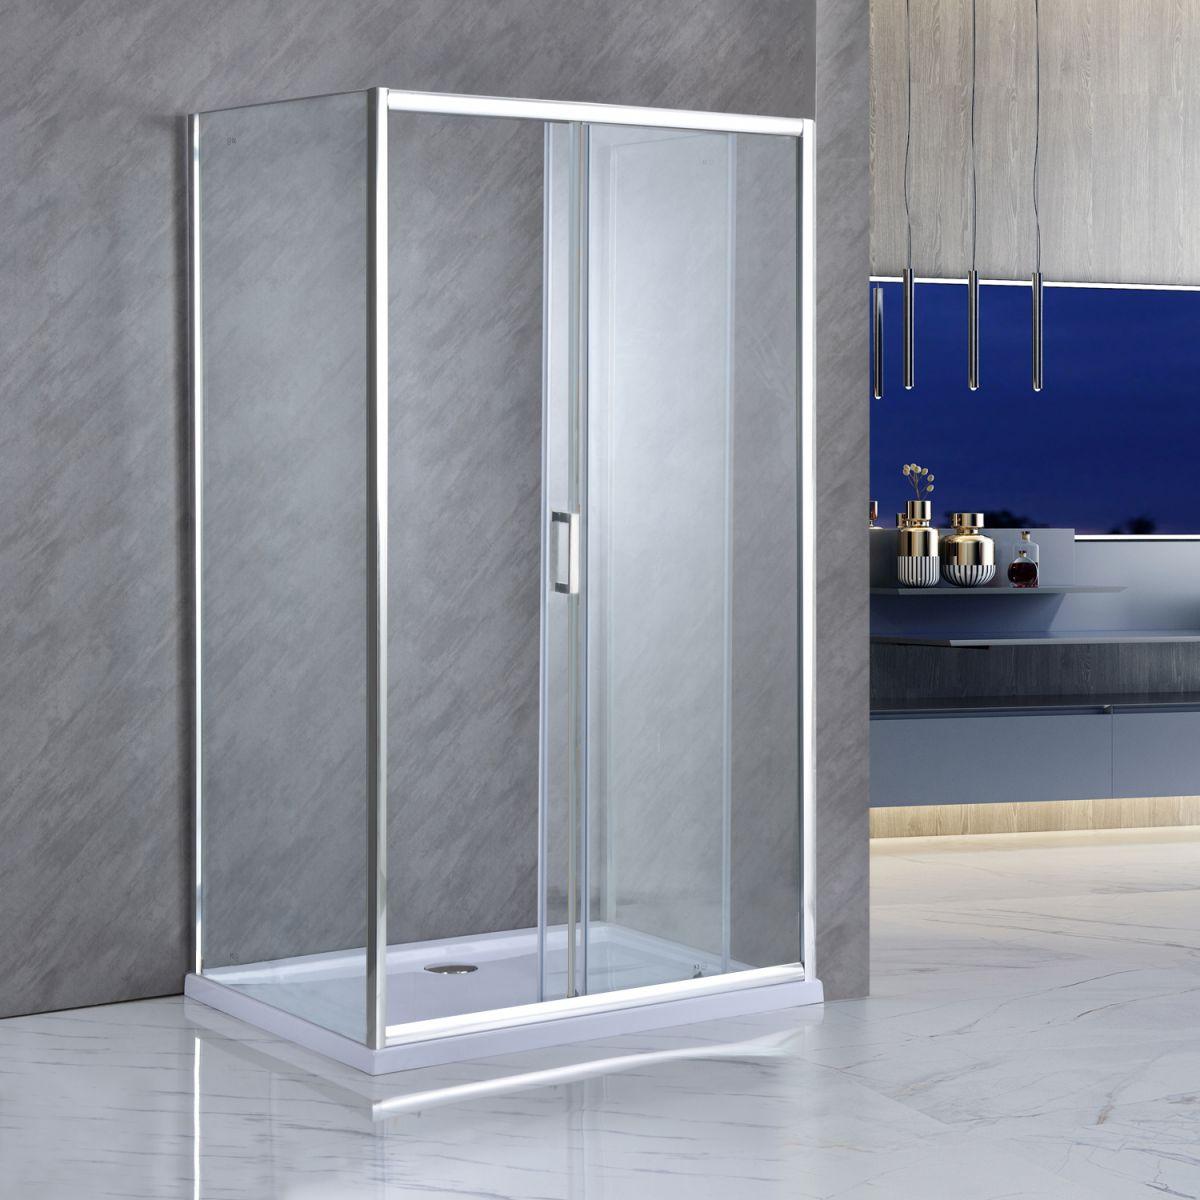 """SE 141 02 Box Cabina doccia tre lati """"Saturno"""" 80x100x80 cm scorrevole cristallo trasparente 6 mm"""